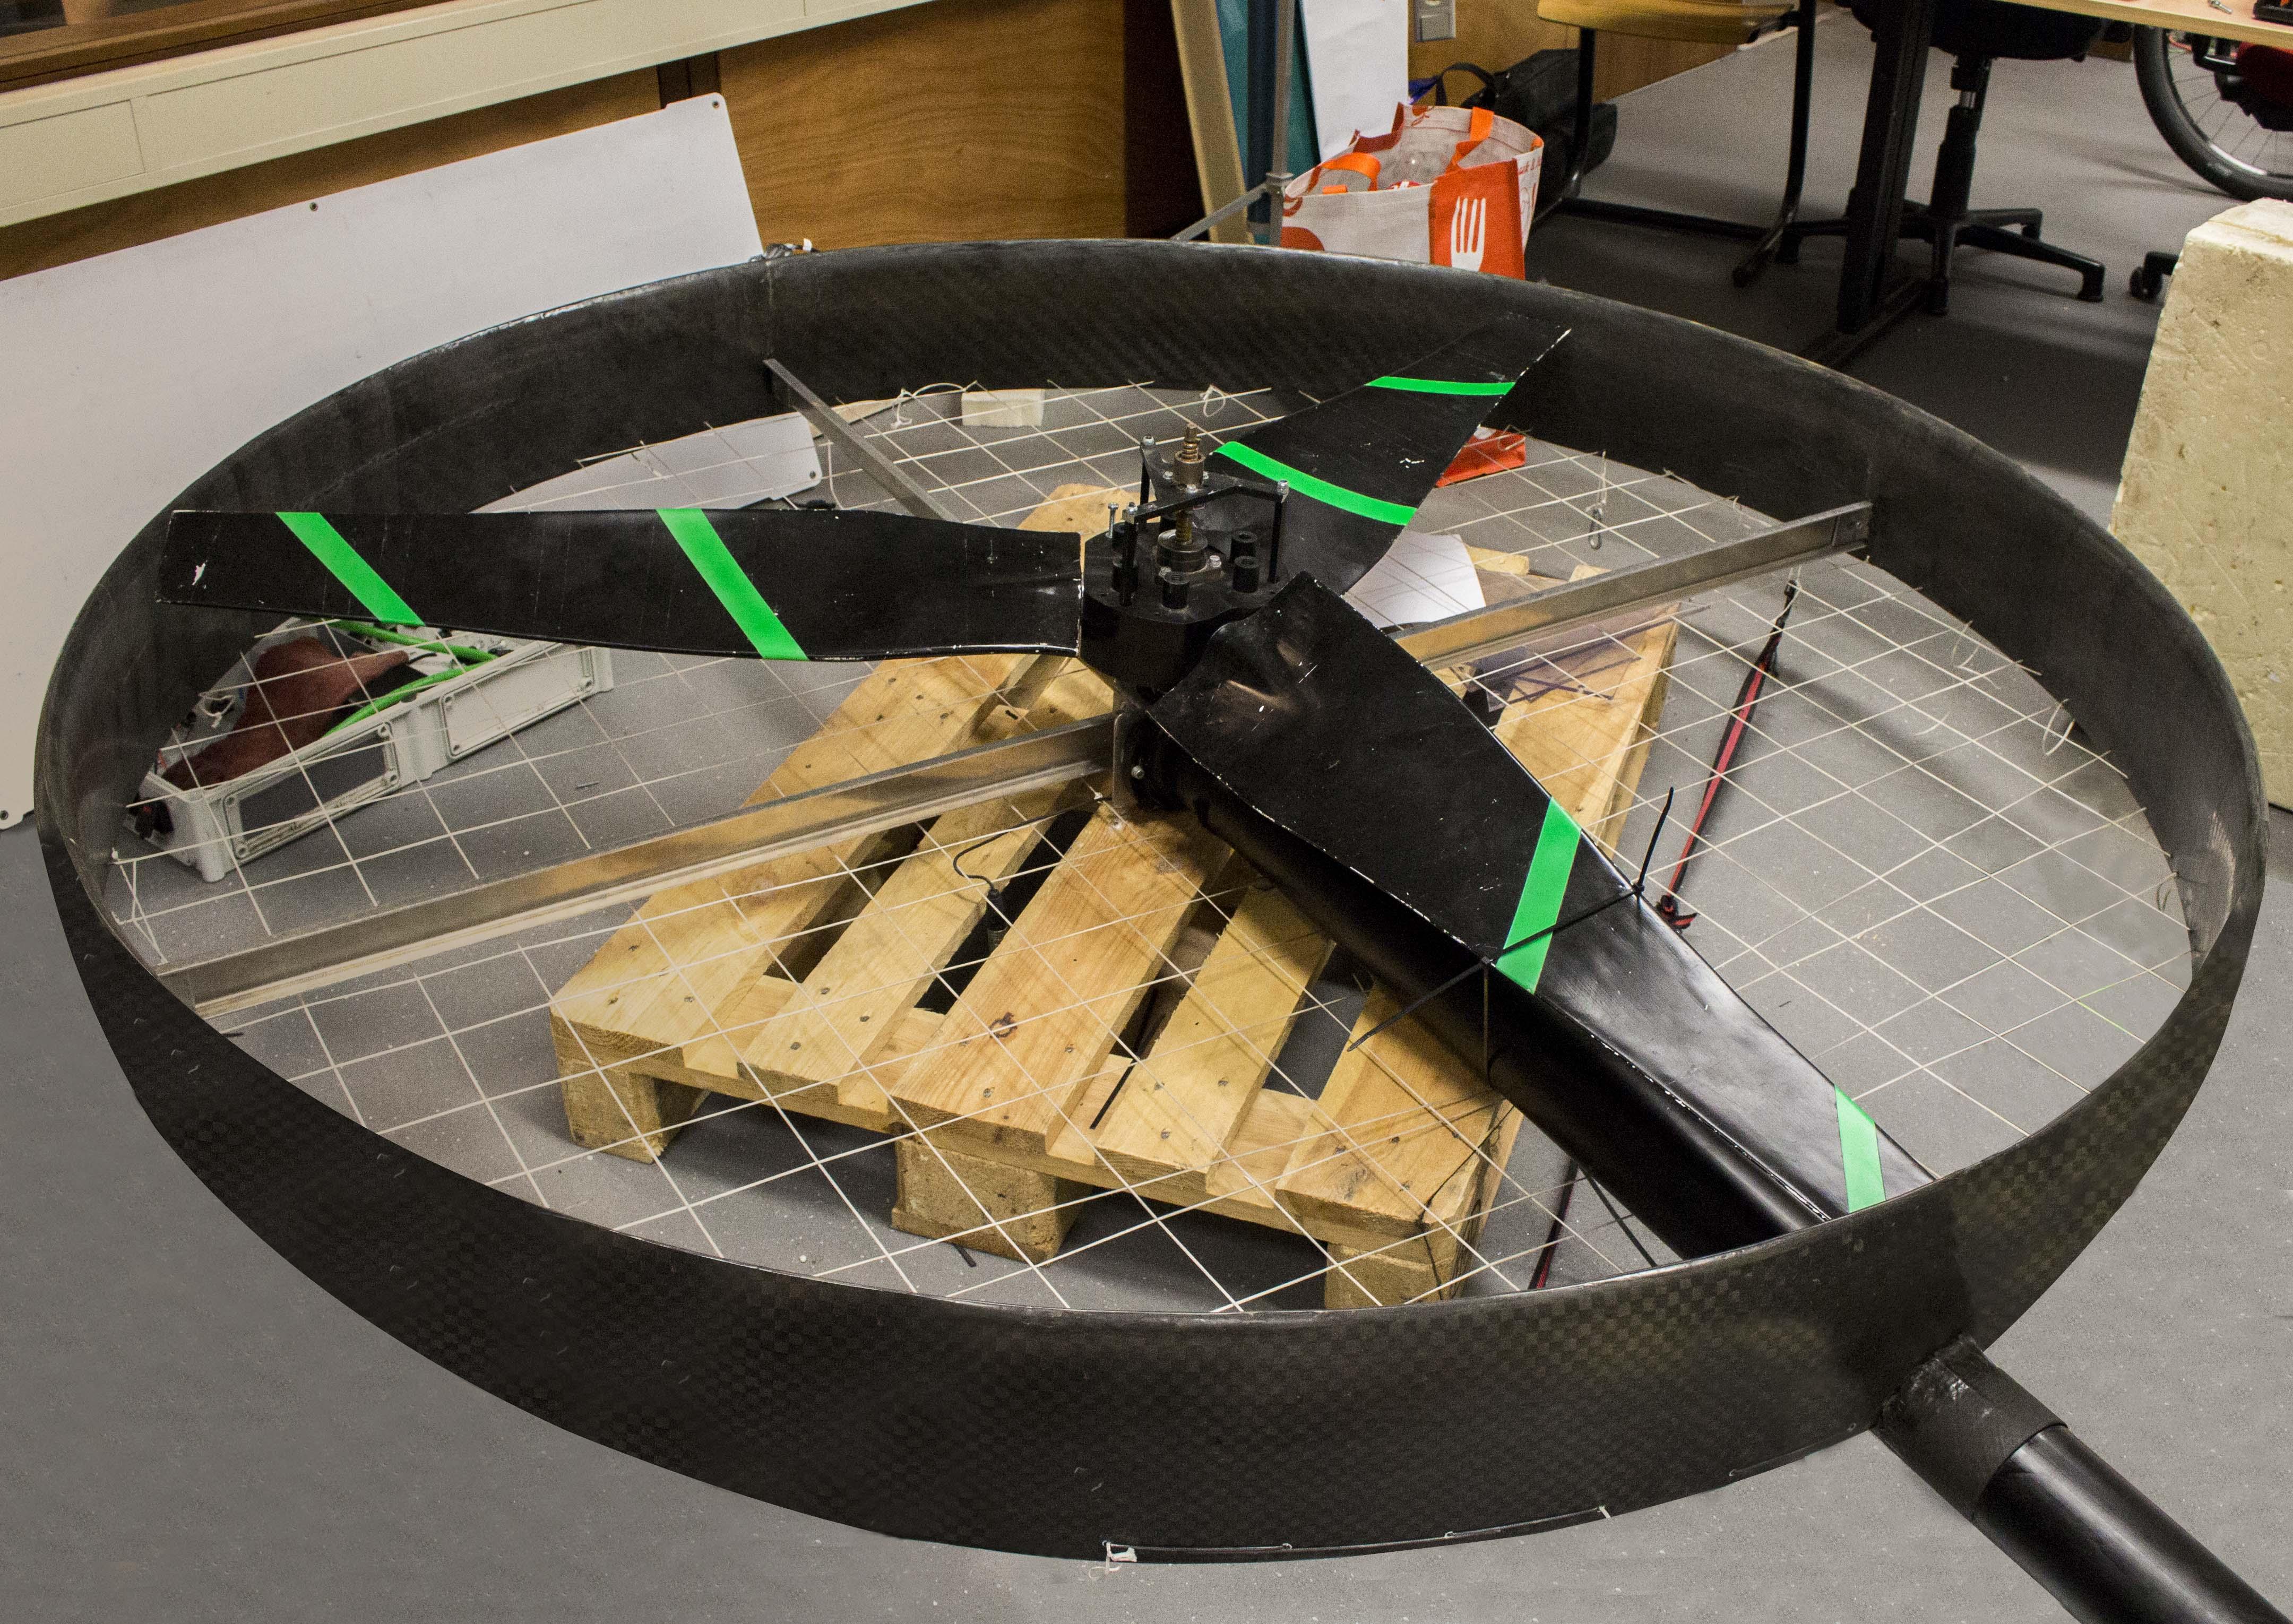 Propeller_Leapfrog-3D-Printers_Clean-Mobility_Testimonial